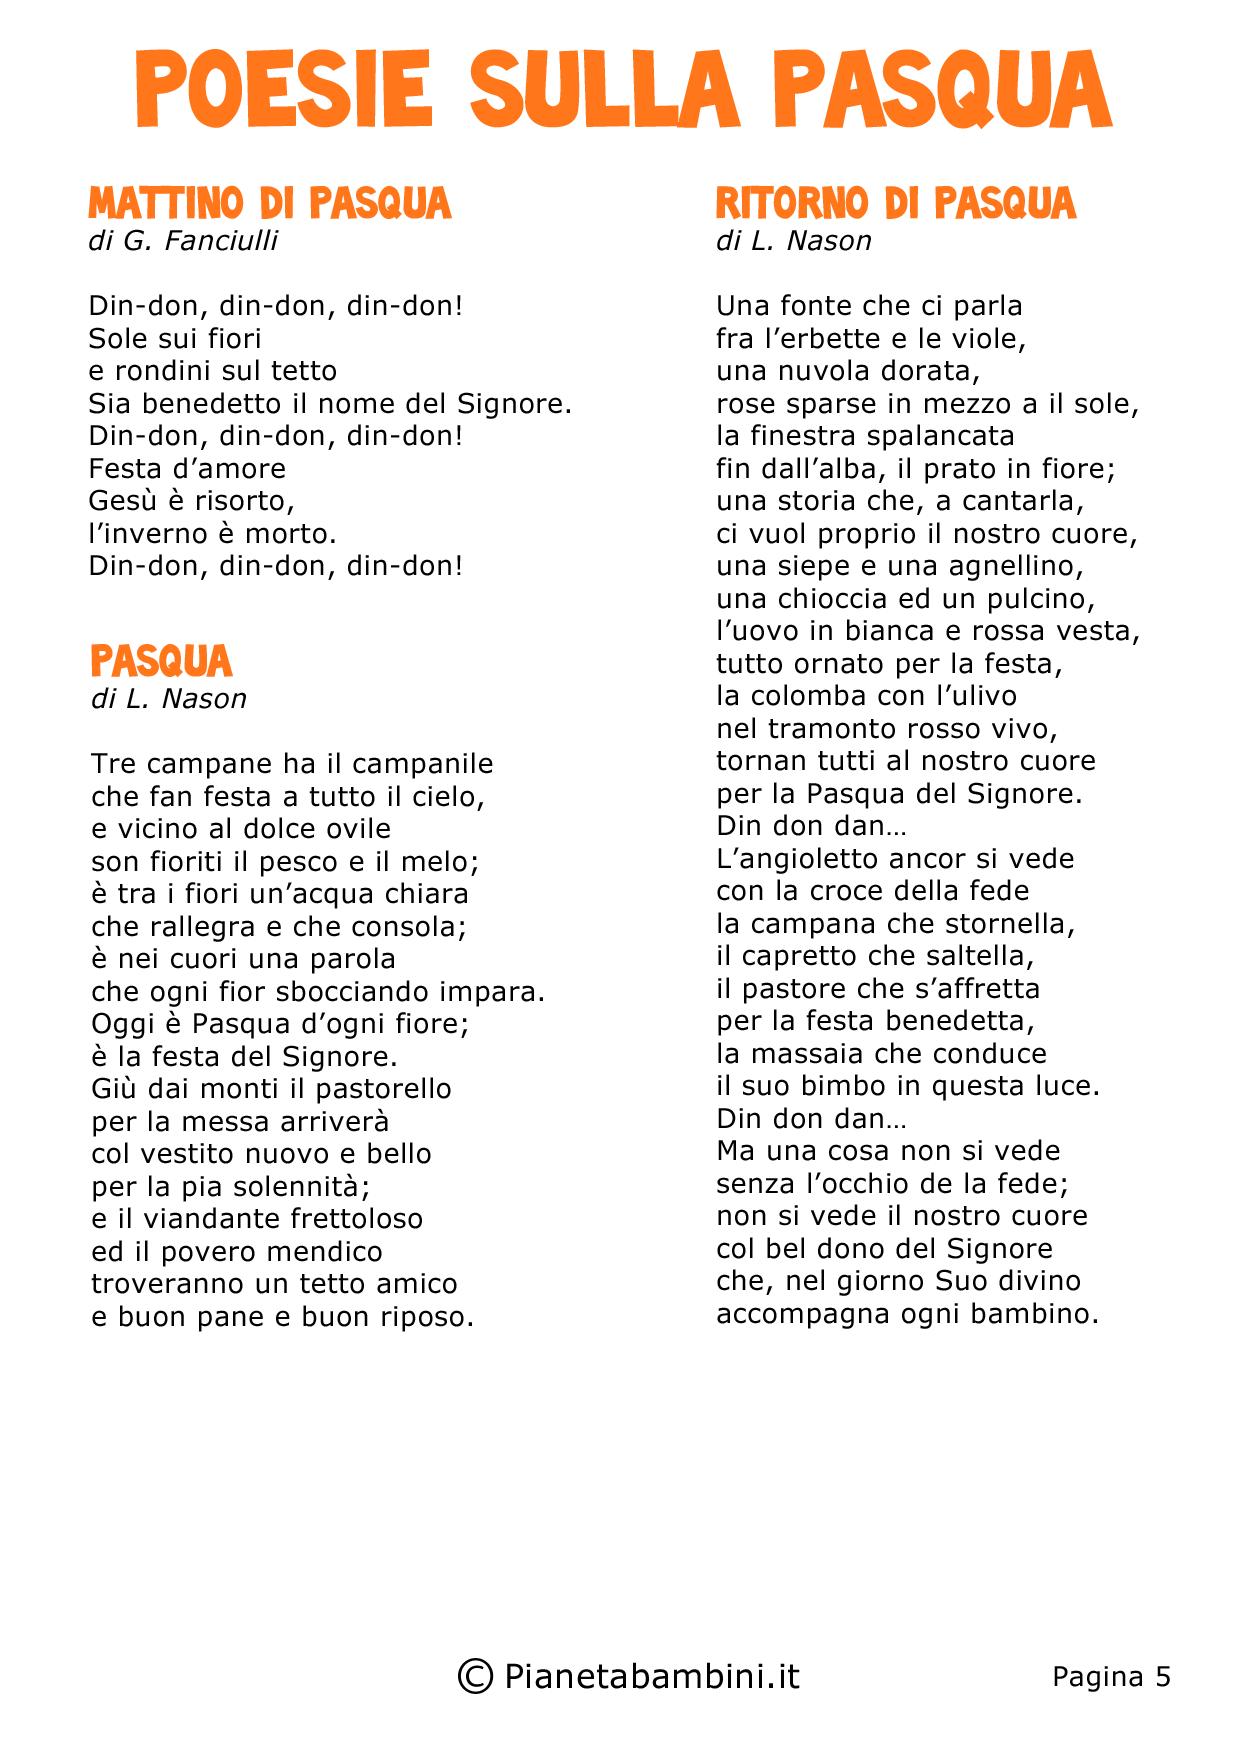 Amato Poesie di Pasqua per Bambini della Scuola Primaria | PianetaBambini.it UZ59